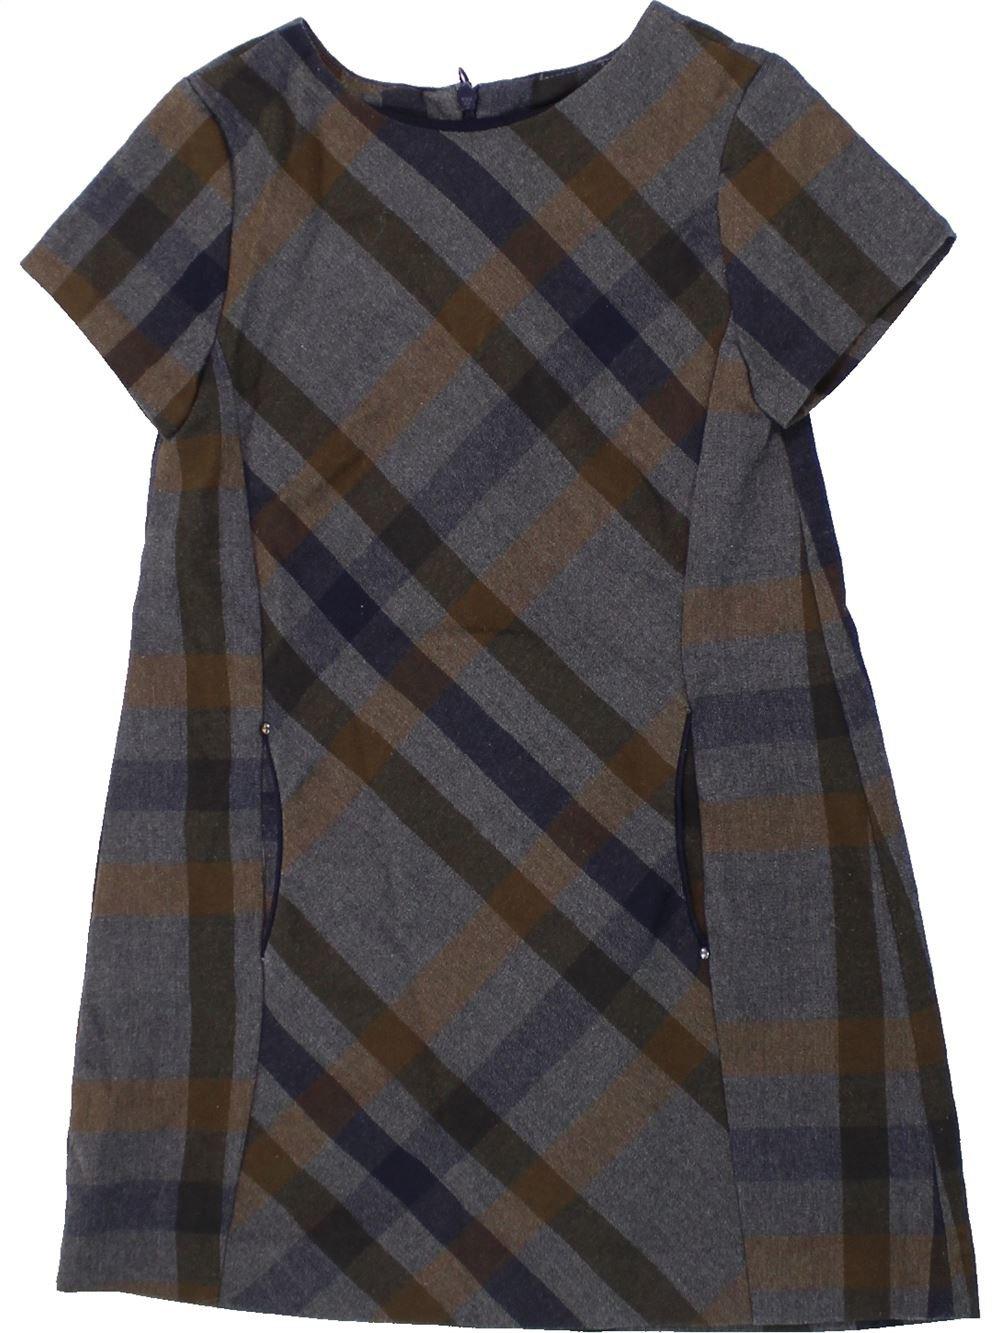 0cf9d8dae90d7 Robe gris ZARA du 6 ans pour Fille - 1418616